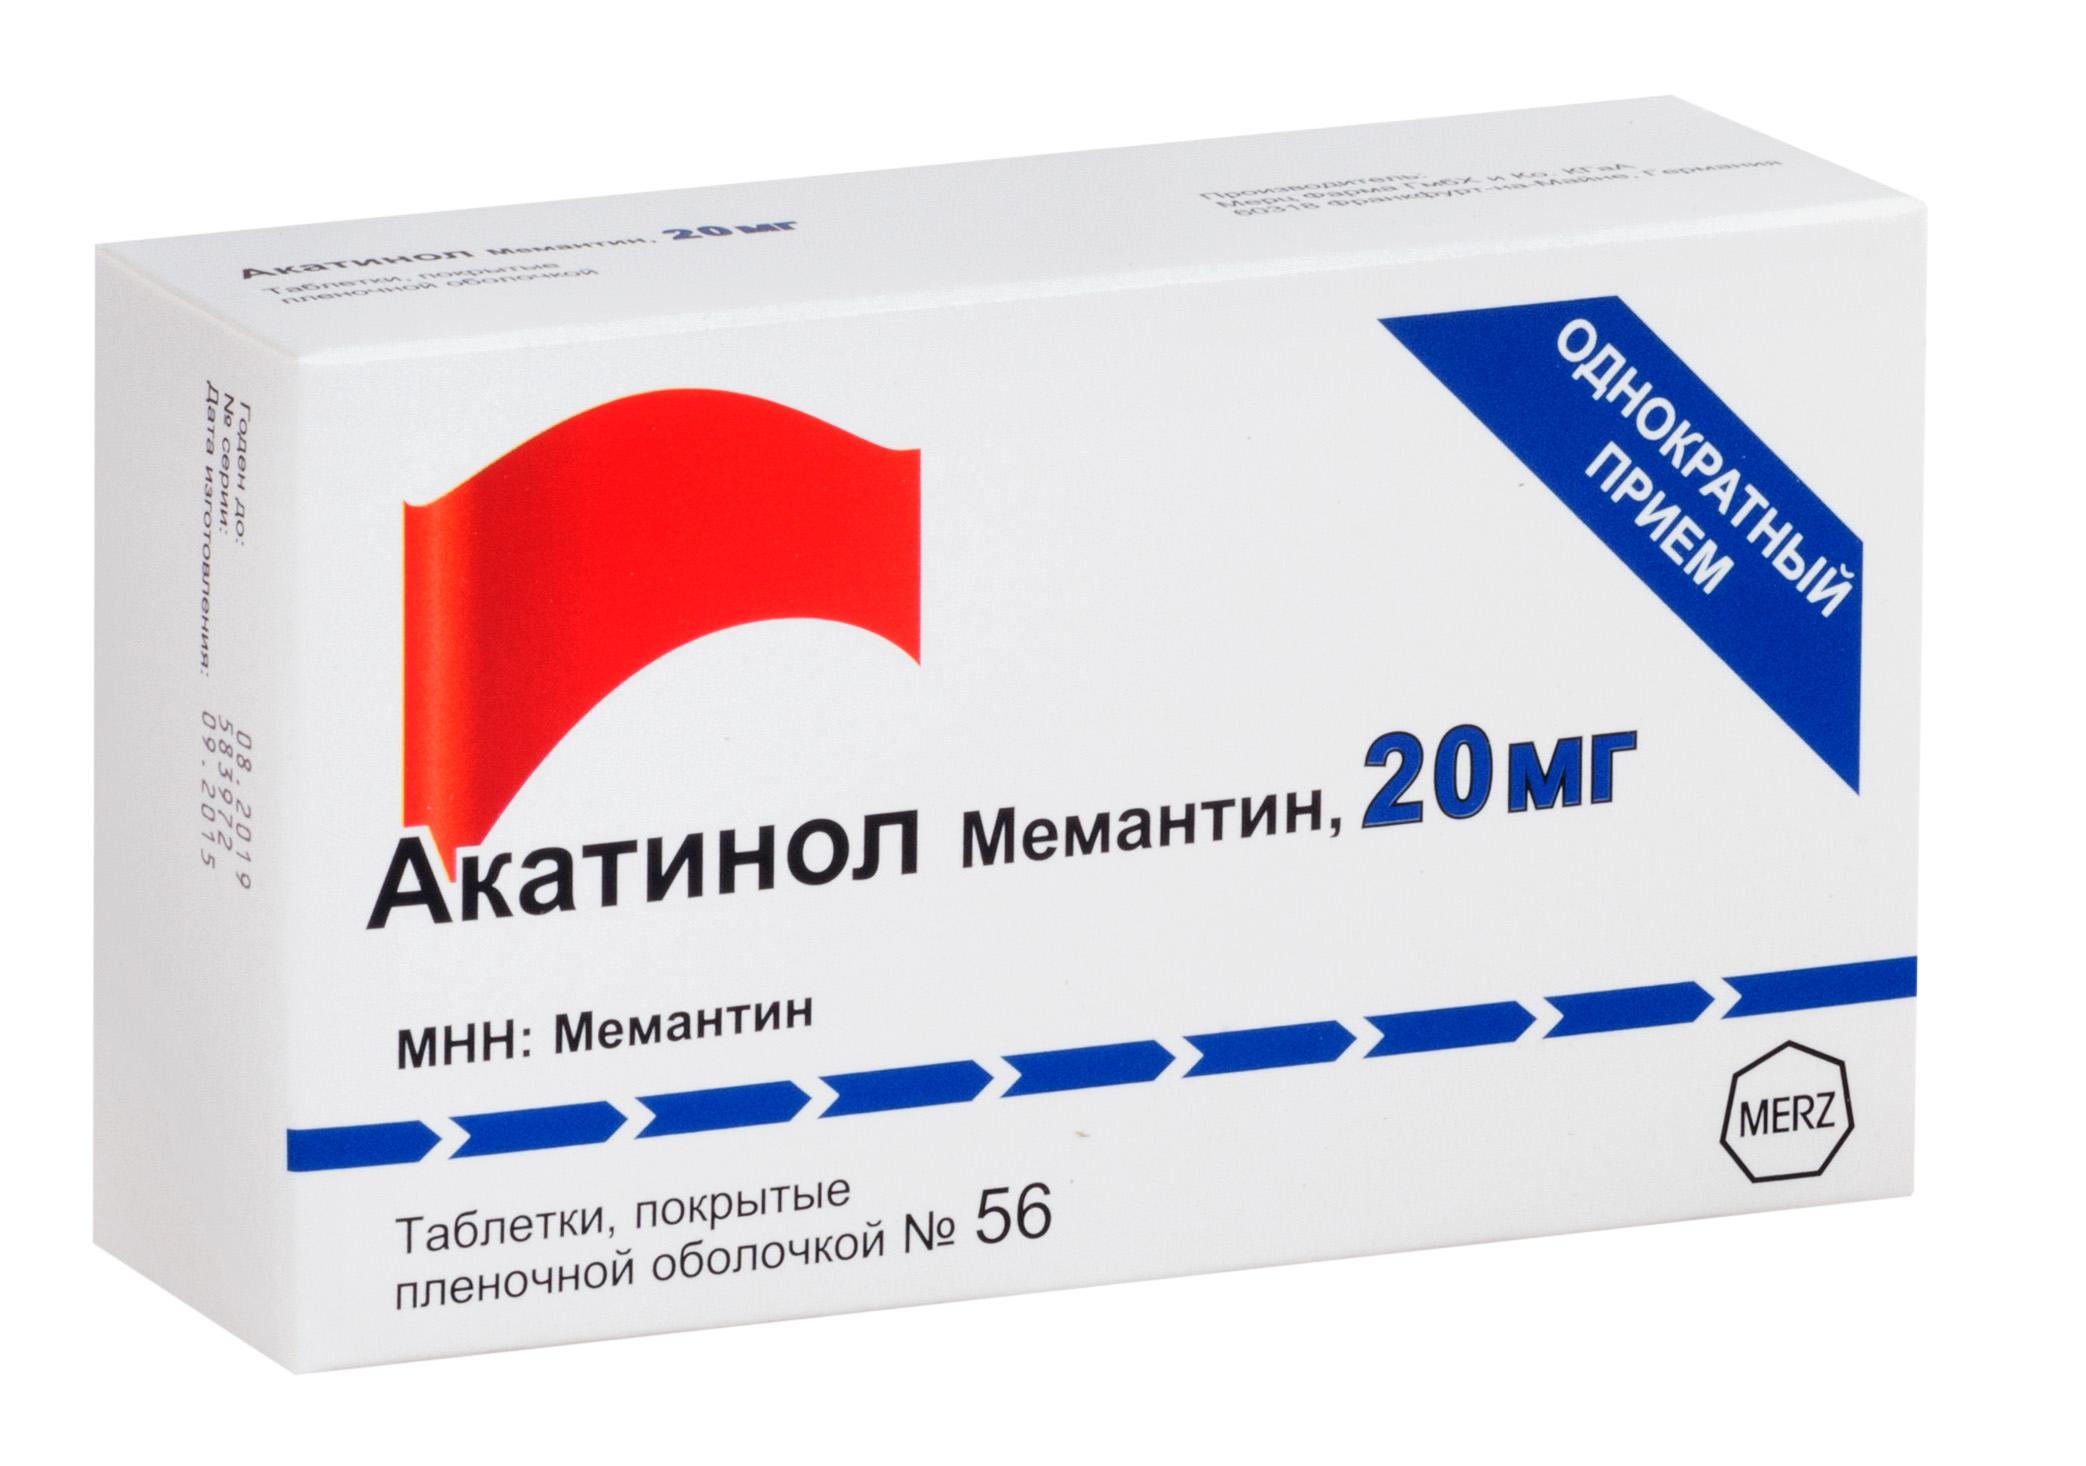 Акатинол мемантин таб. п.п.о. 20мг n56